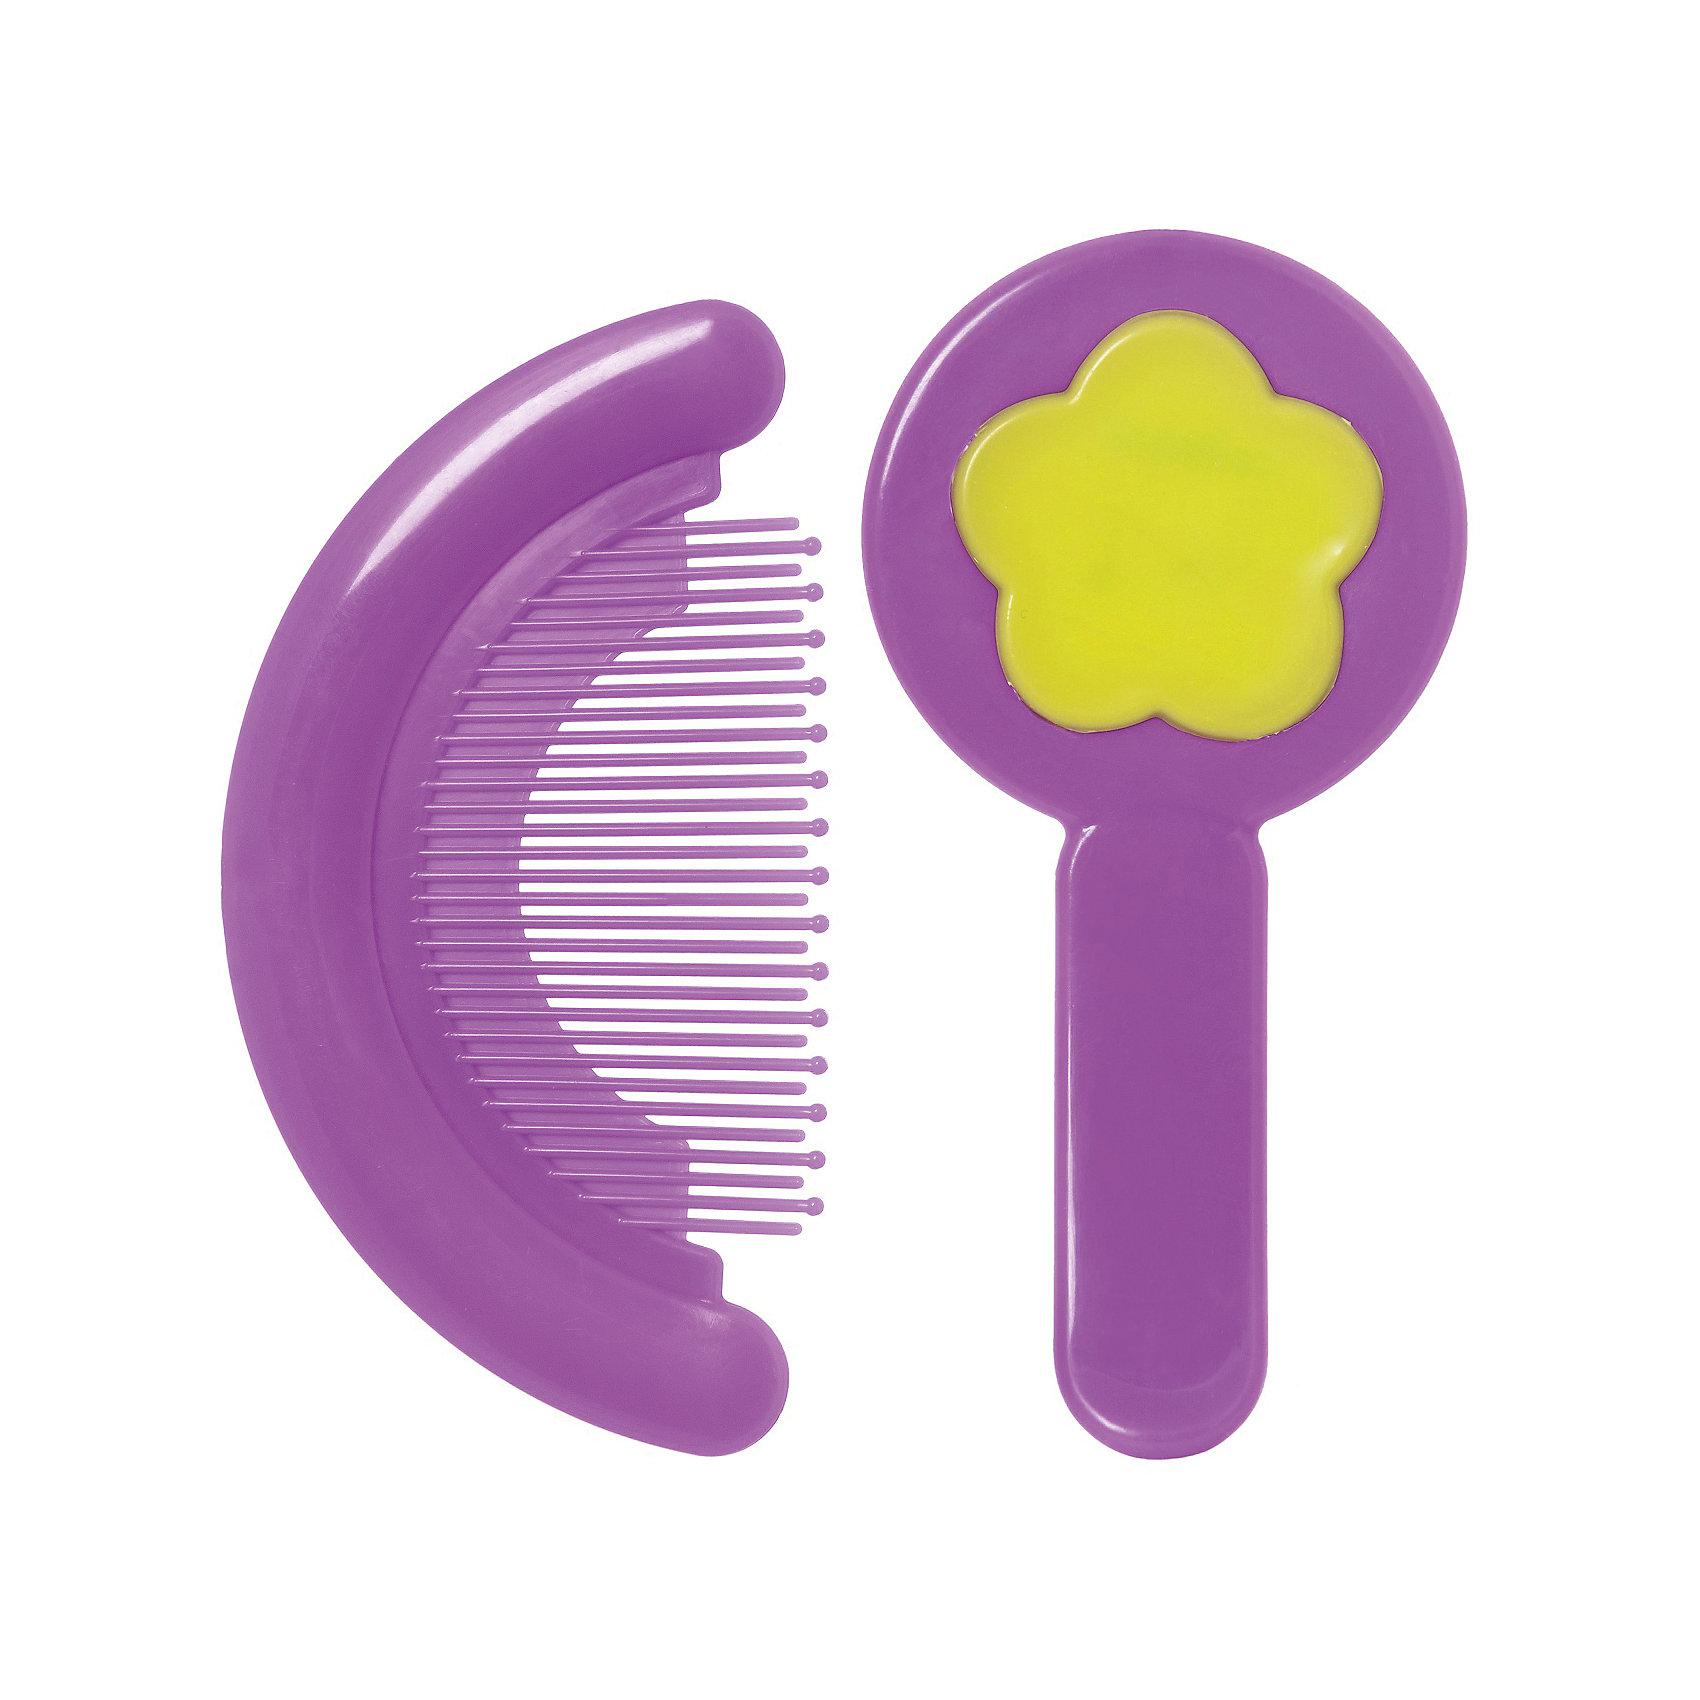 Курносики Набор: расческа и щетка, Kurnosiki, фиолетовый